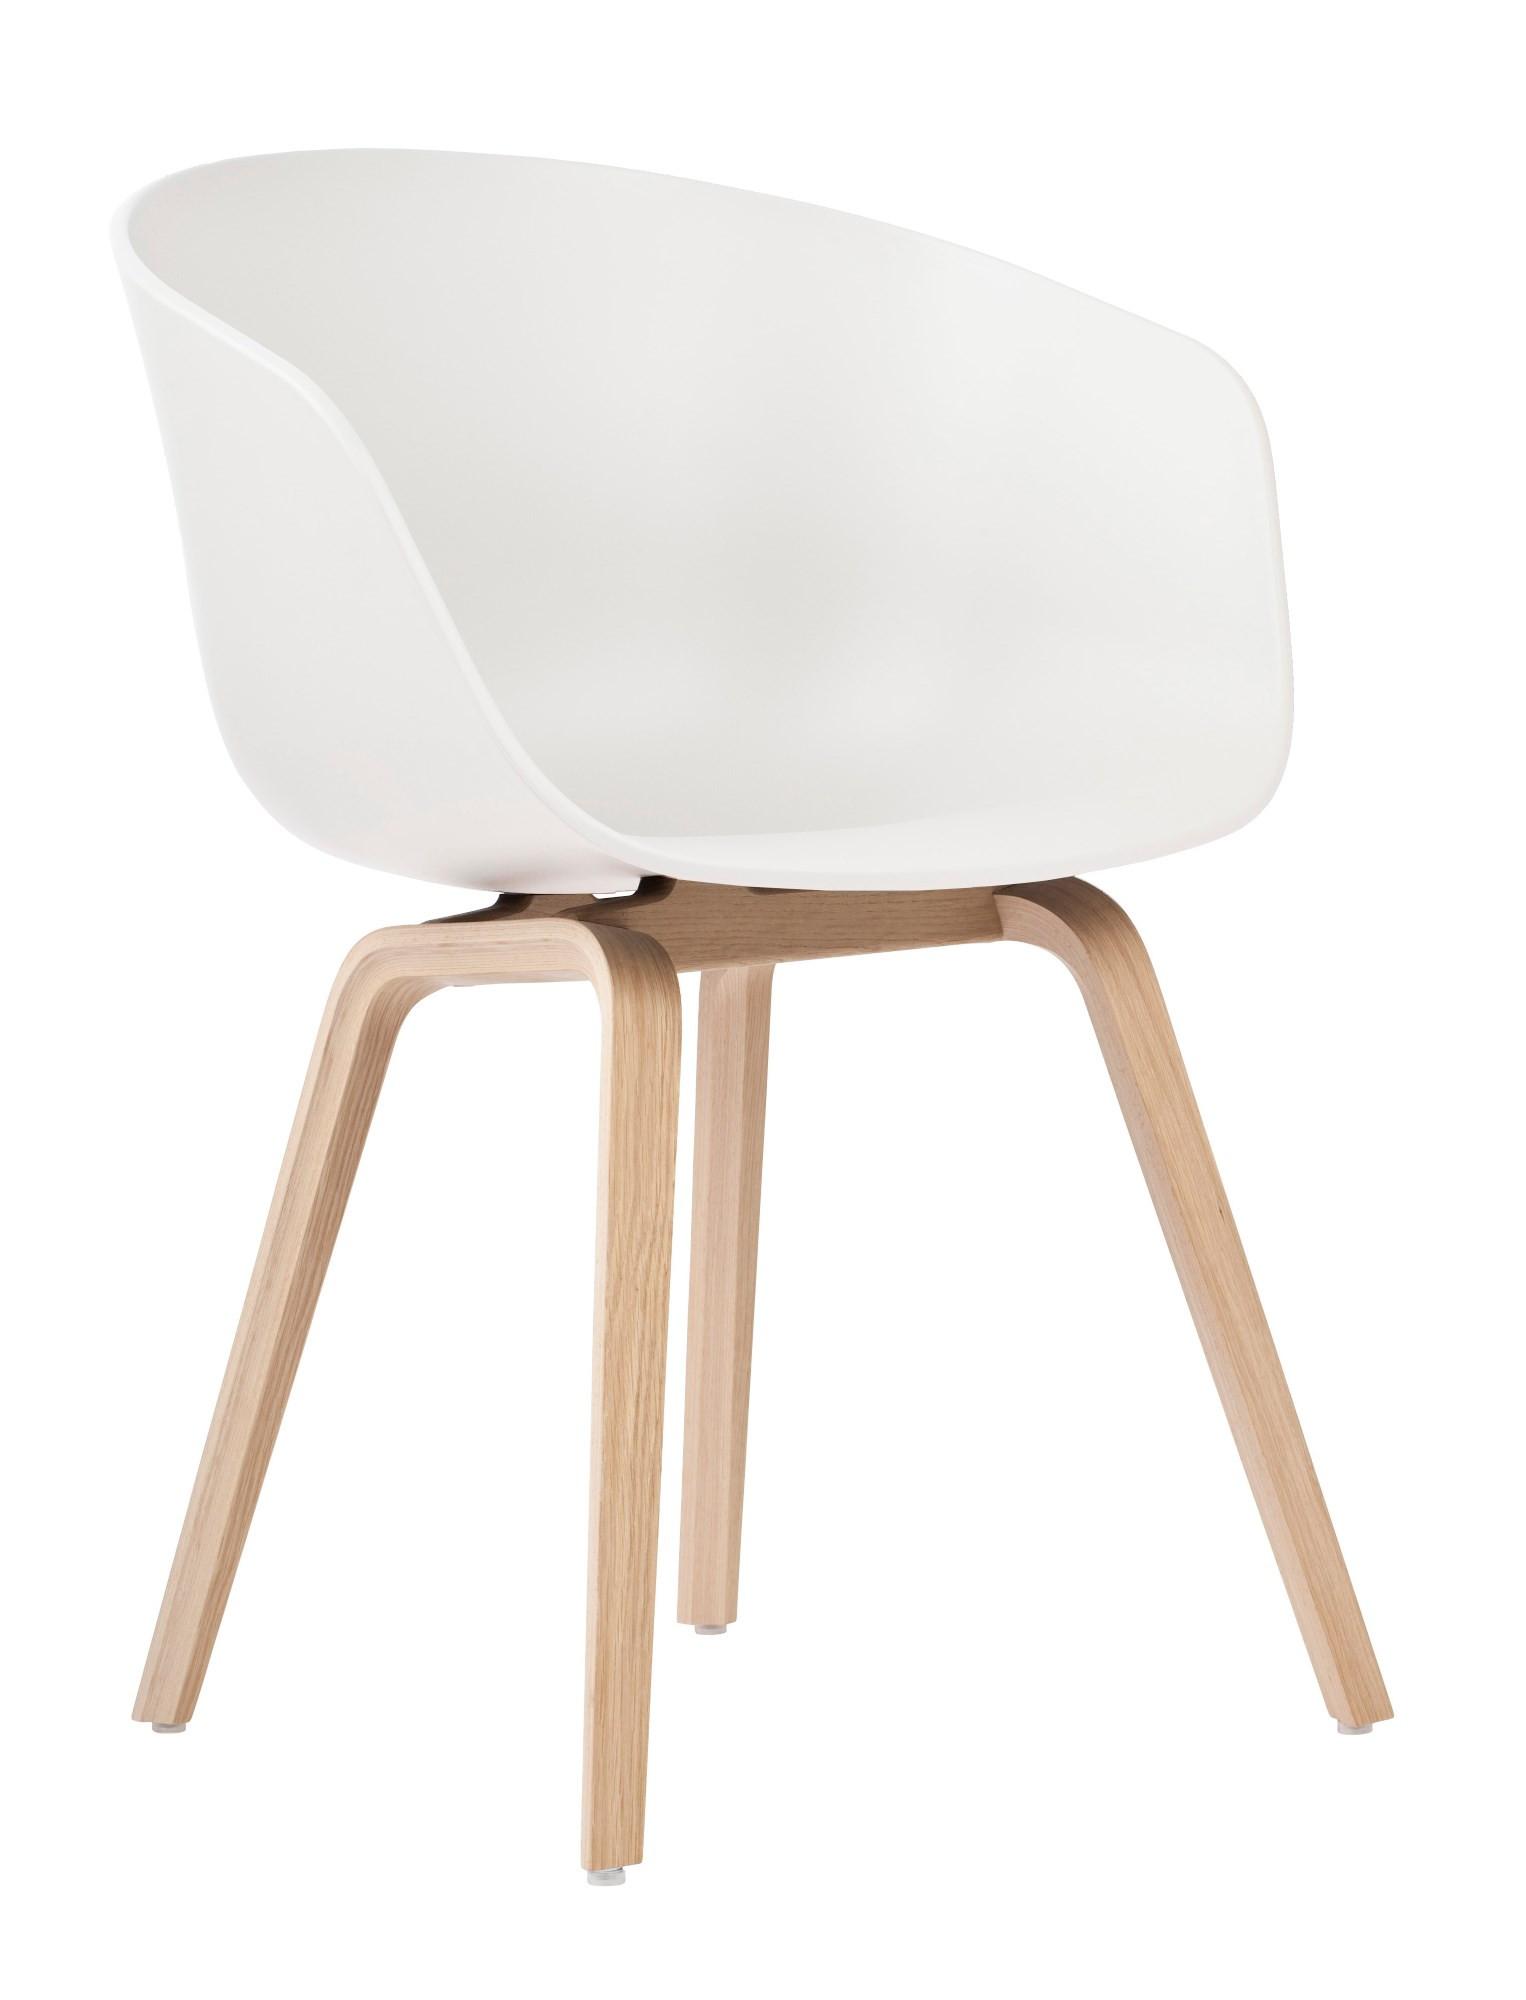 כיסא מודרני וצעיר לפינות אוכל עם רגליים חזקות ויציבות במבחר גוונים  - תמונה 4